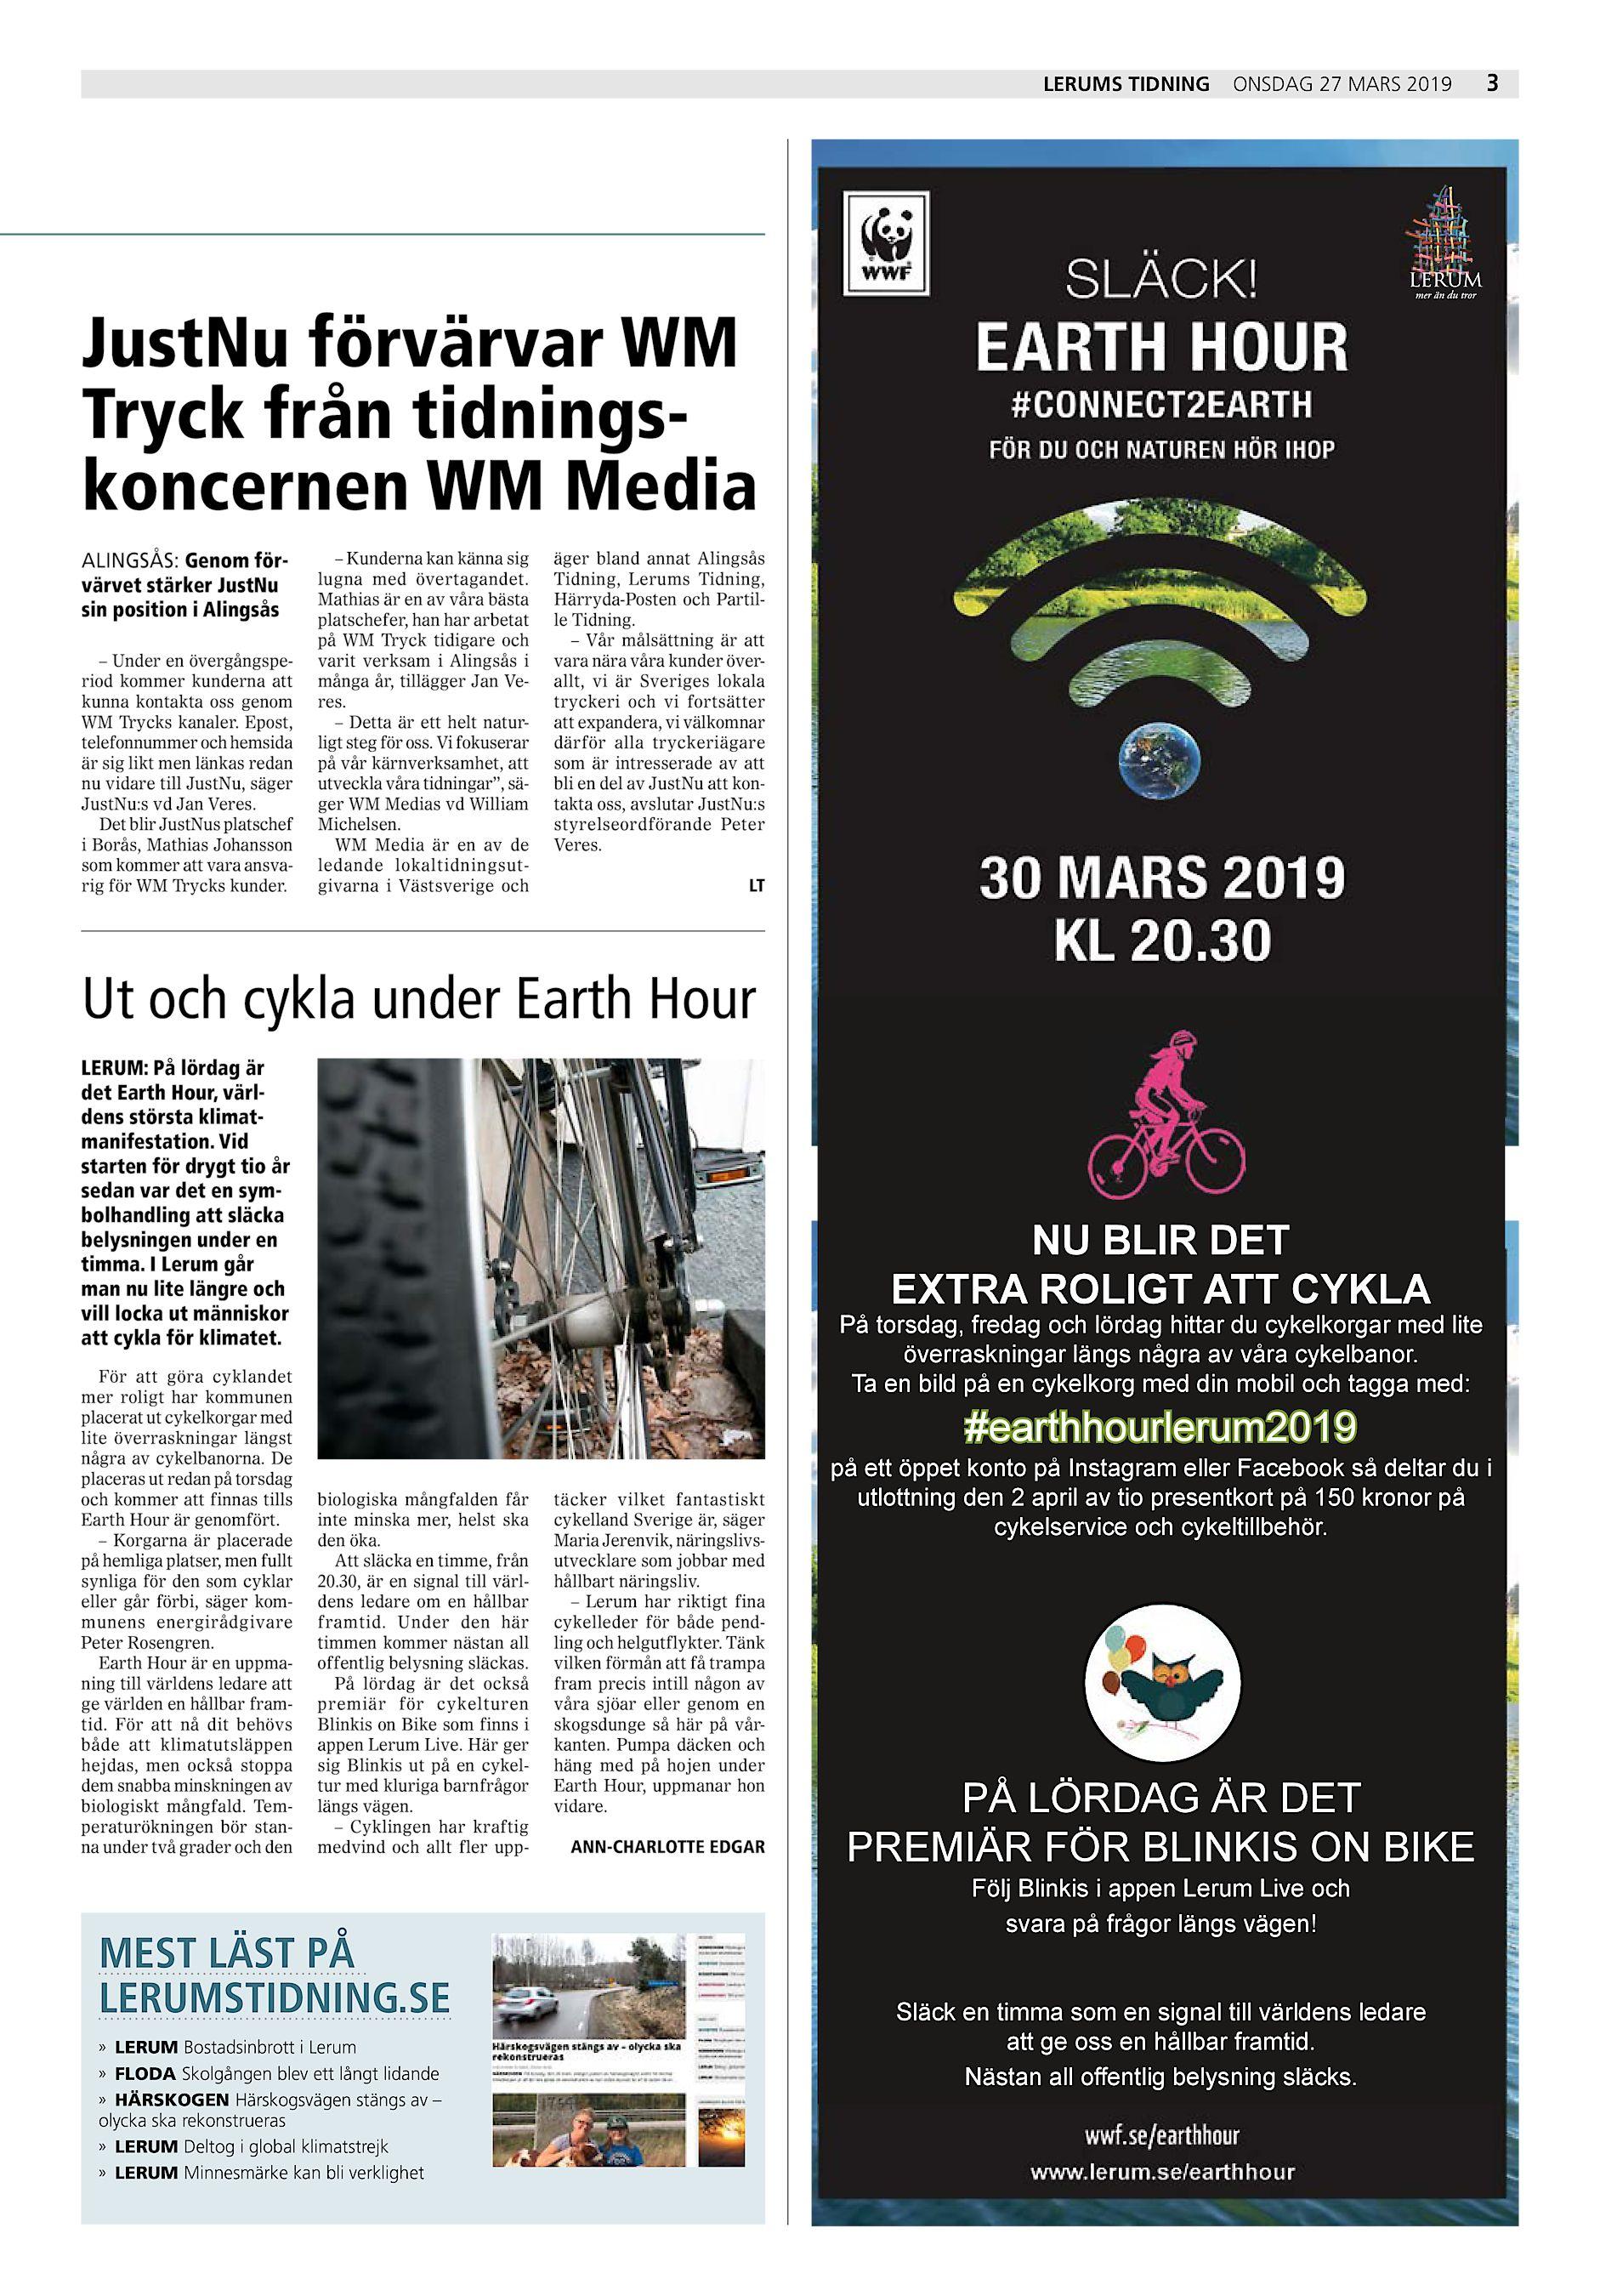 f083c8c9b176 Lerums Tidning onsdag 27 mars 2019 3 JustNu förvärvar WM Tryck från  tidningskoncernen WM Media ALINGSÅS: Genom förvärvet stärker JustNu sin  position i ...